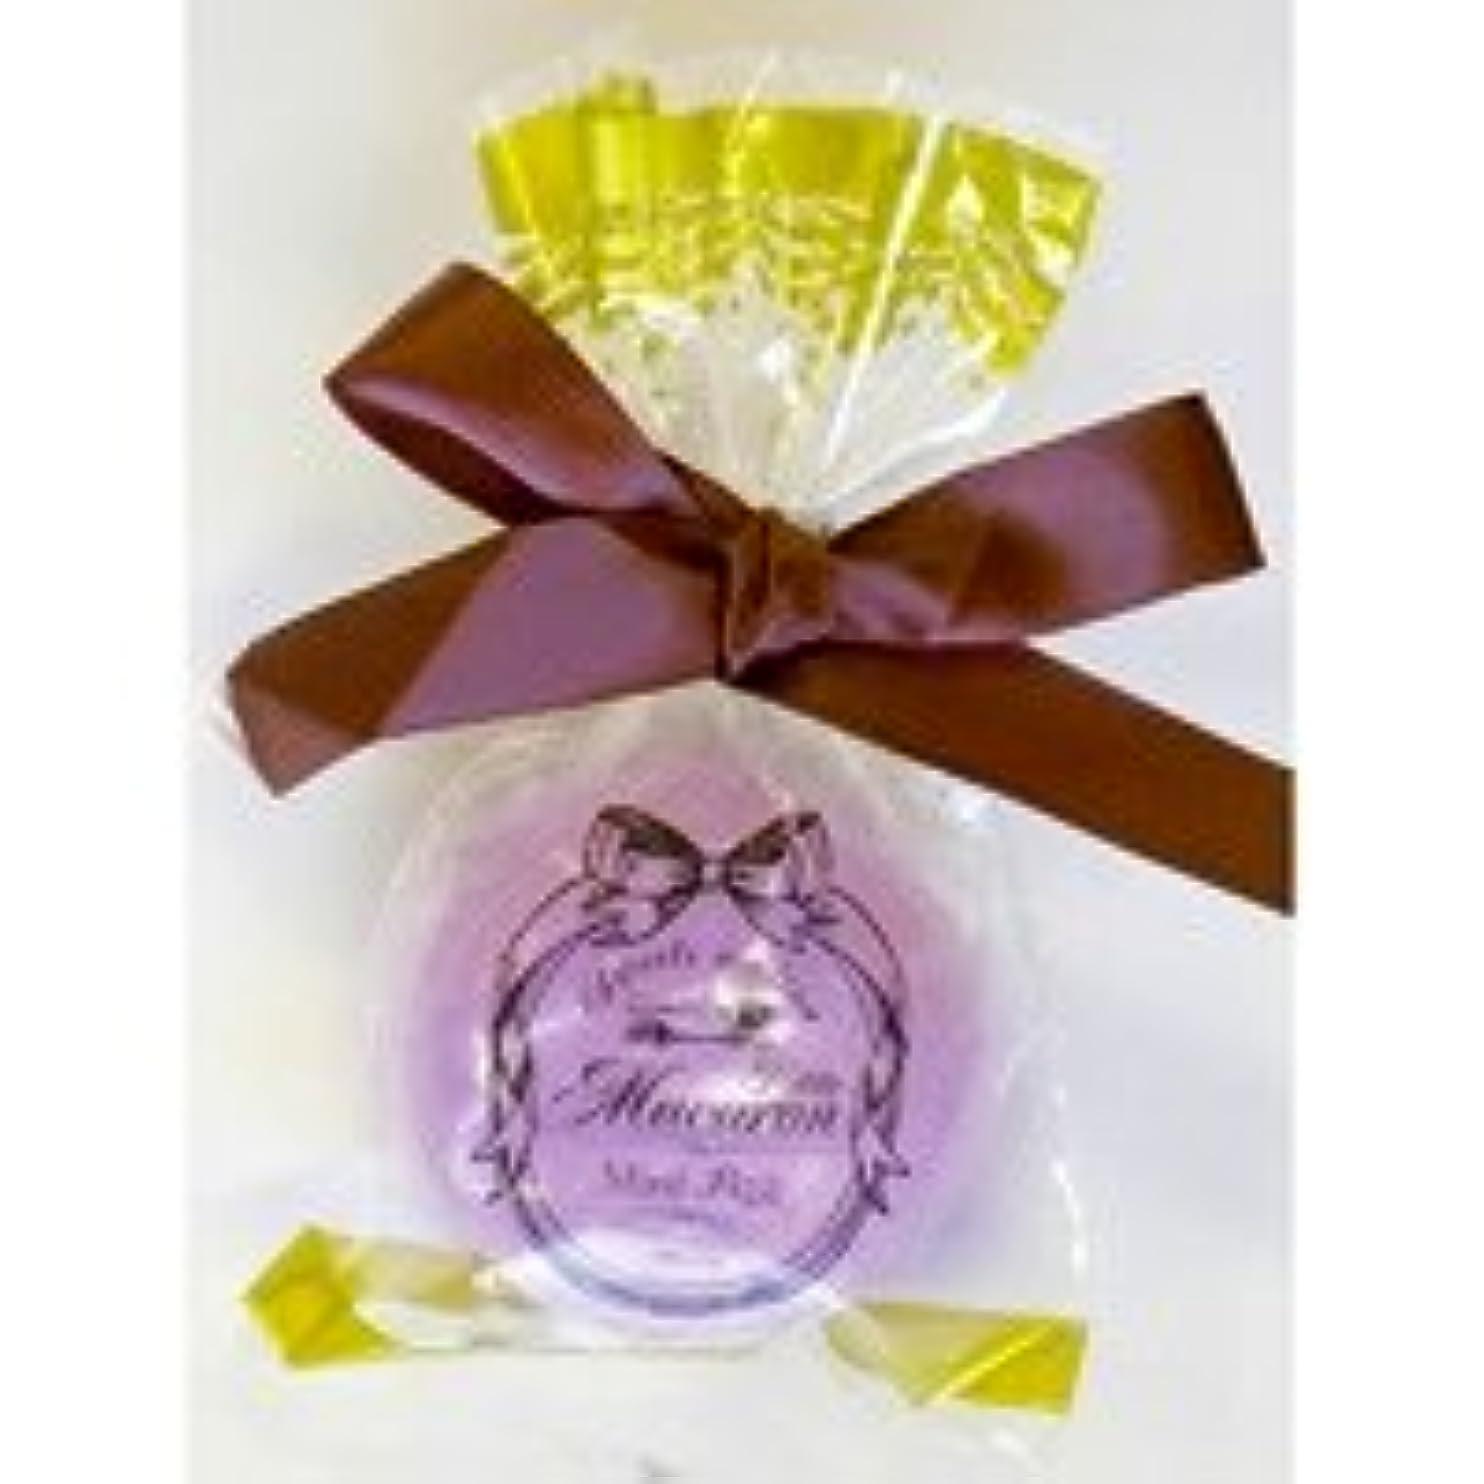 ジャベスウィルソン描く墓地スウィーツメゾン プチマカロンフィズ「パープル」12個セット フルーティーなザクロの香り